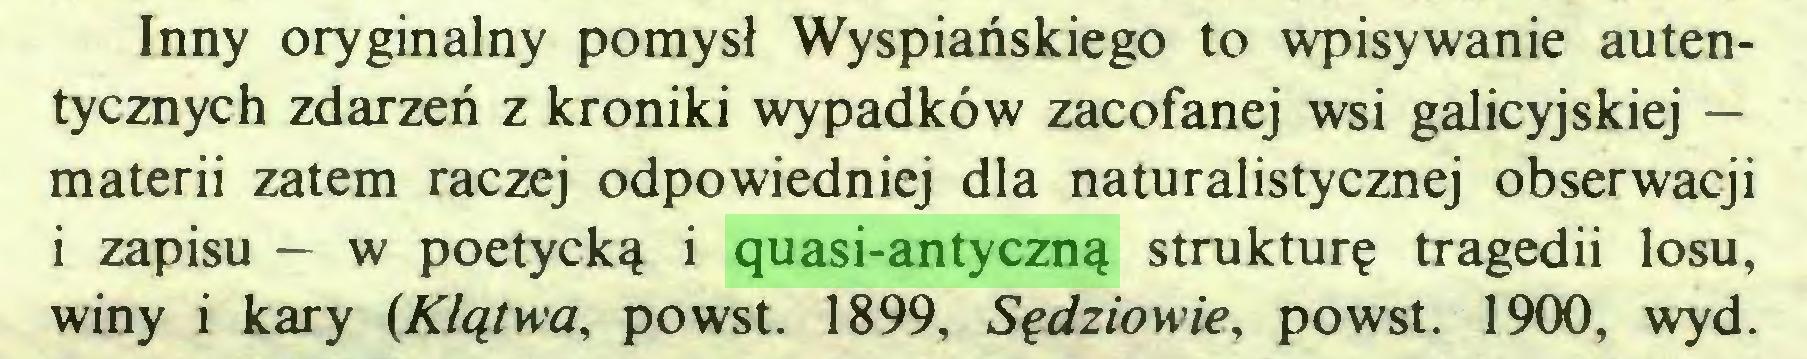 (...) Inny oryginalny pomysł Wyspiańskiego to wpisywanie autentycznych zdarzeń z kroniki wypadków zacofanej wsi galicyjskiej — materii zatem raczej odpowiedniej dla naturalistycznej obserwacji i zapisu — w poetycką i quasi-antyczną strukturę tragedii losu, winy i kary {Klątwa, powst. 1899, Sędziowie, powst. 1900, wyd...